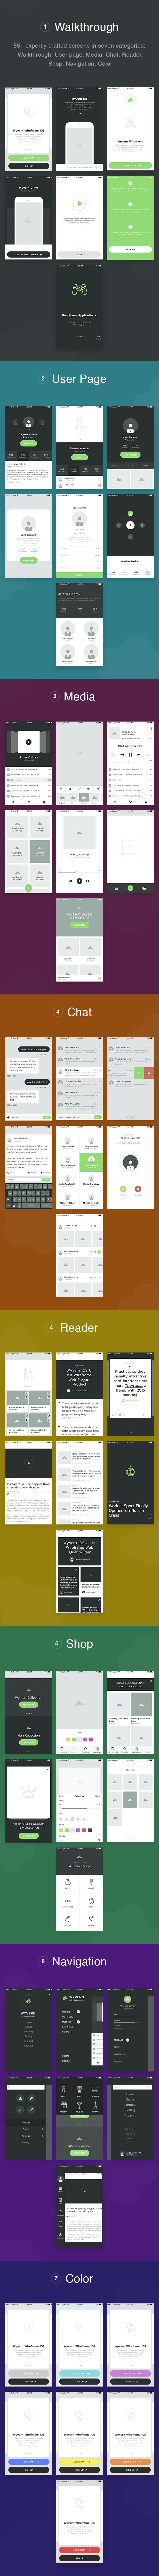 Wyvern iOS Wireframe UI Kit - 2